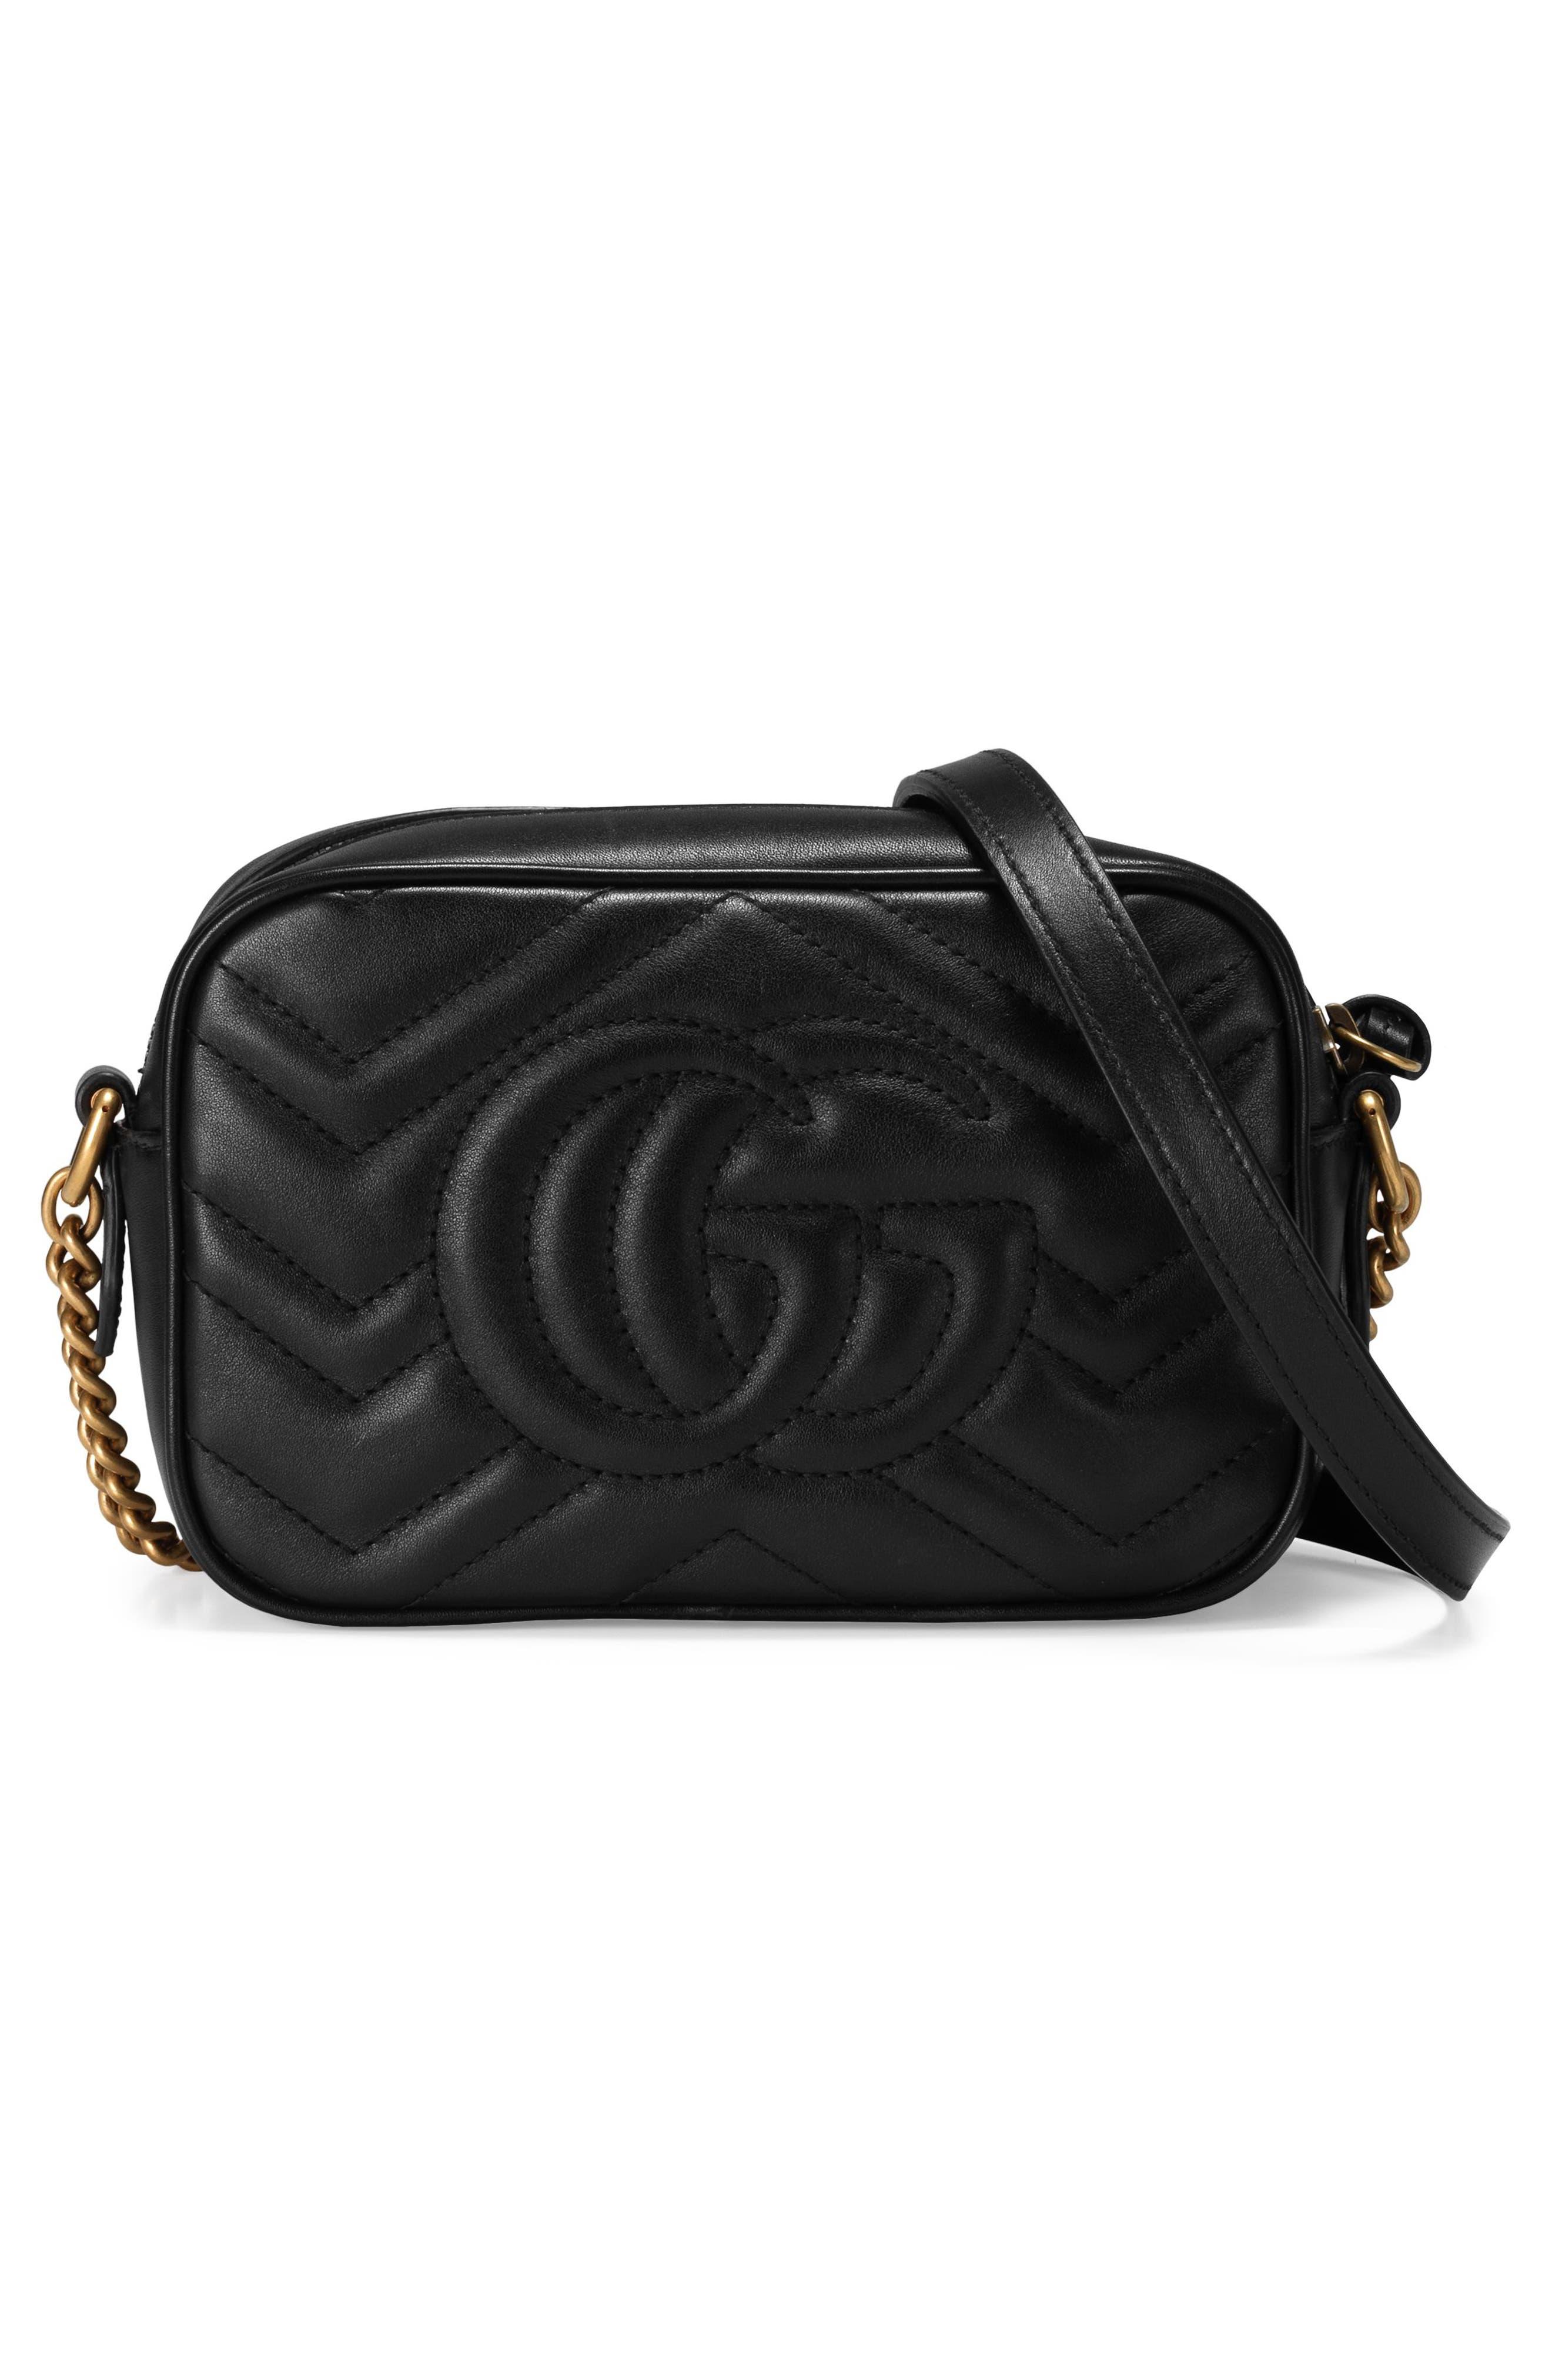 GG Marmont 2.0 Matelassé Leather Shoulder Bag,                             Alternate thumbnail 2, color,                             Nero